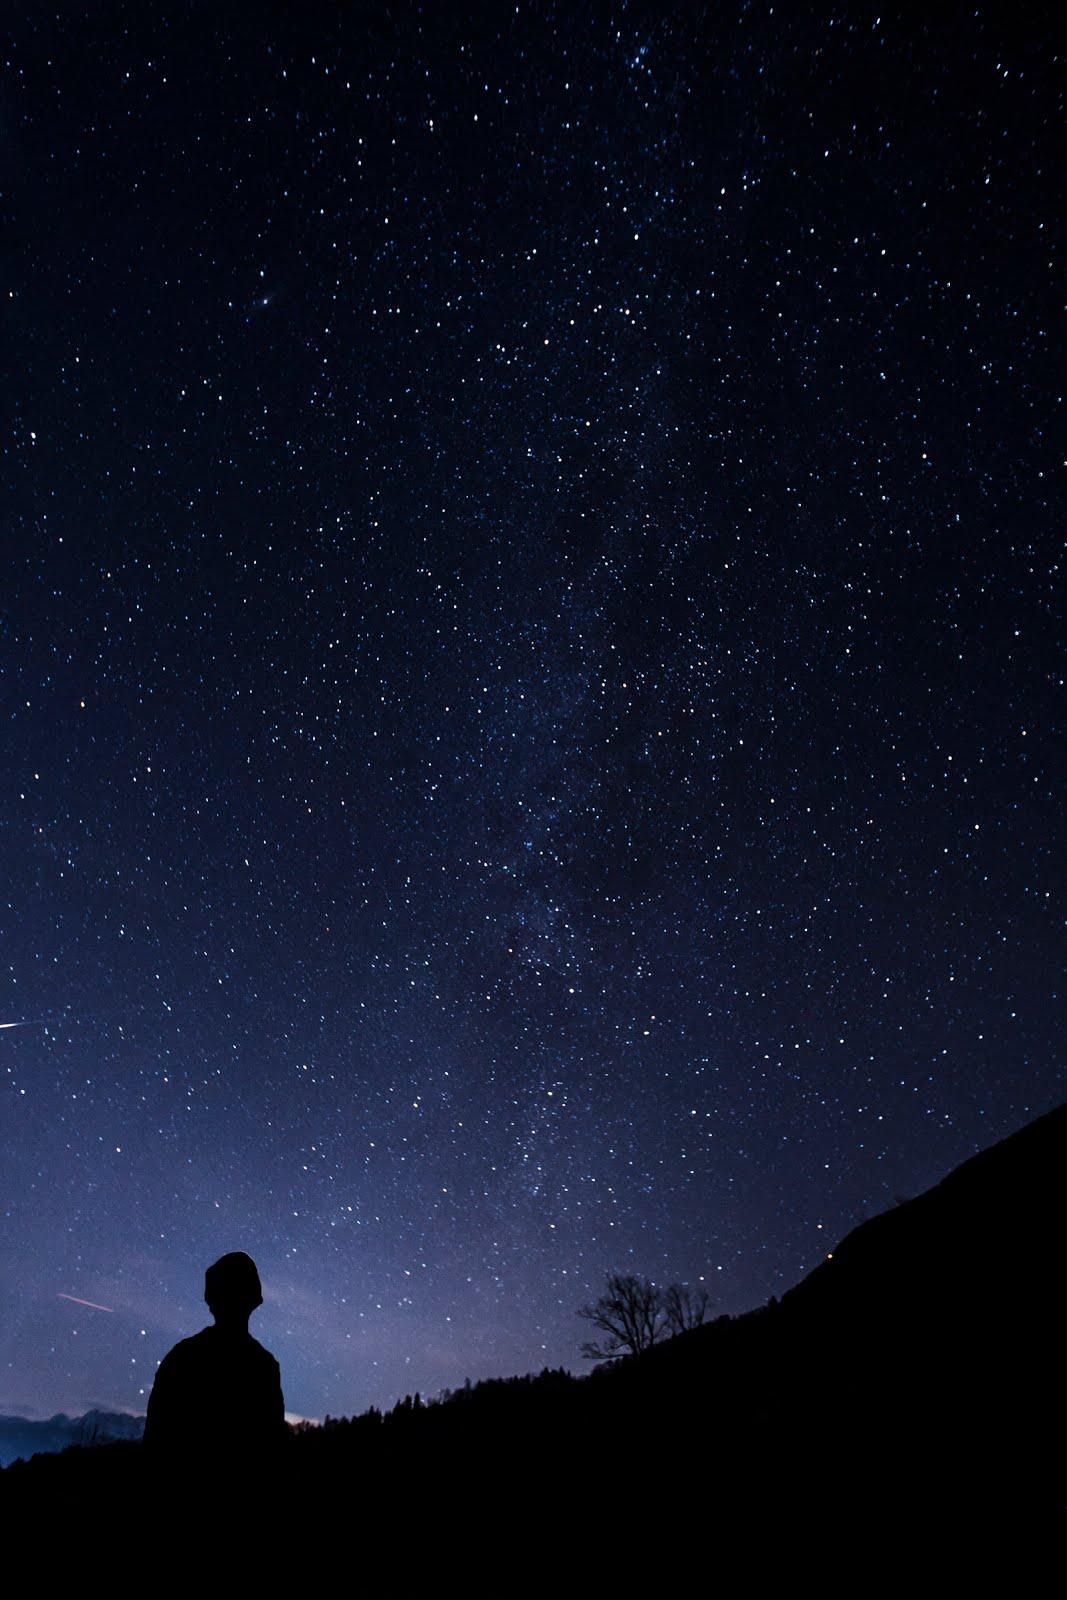 خلفية الةحدة في الفضاء - خلفيات فضاء ايفون